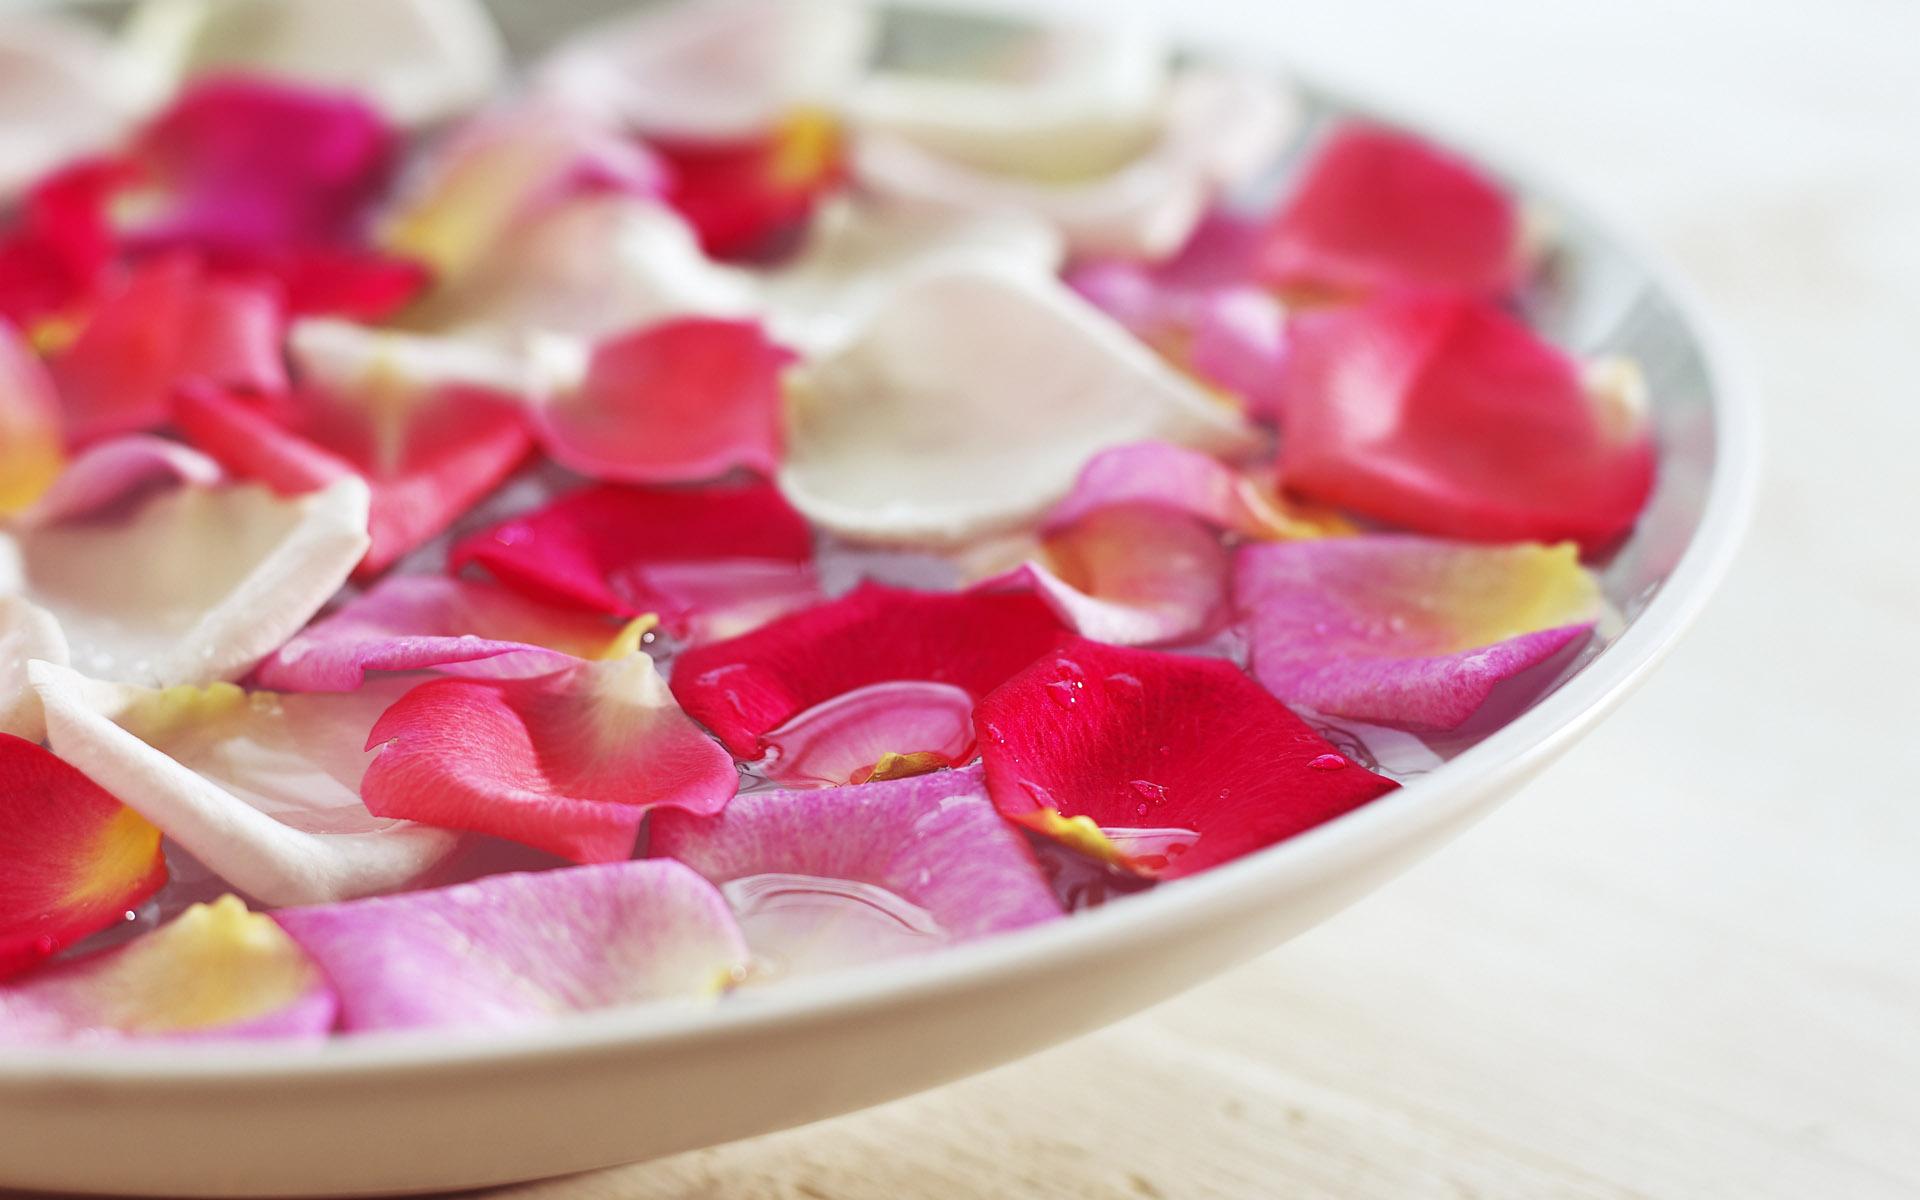 ماسک هایی طبیعی که پوستتان را مثل برگ گل زیبا و نرم می کند+ دستورالعمل